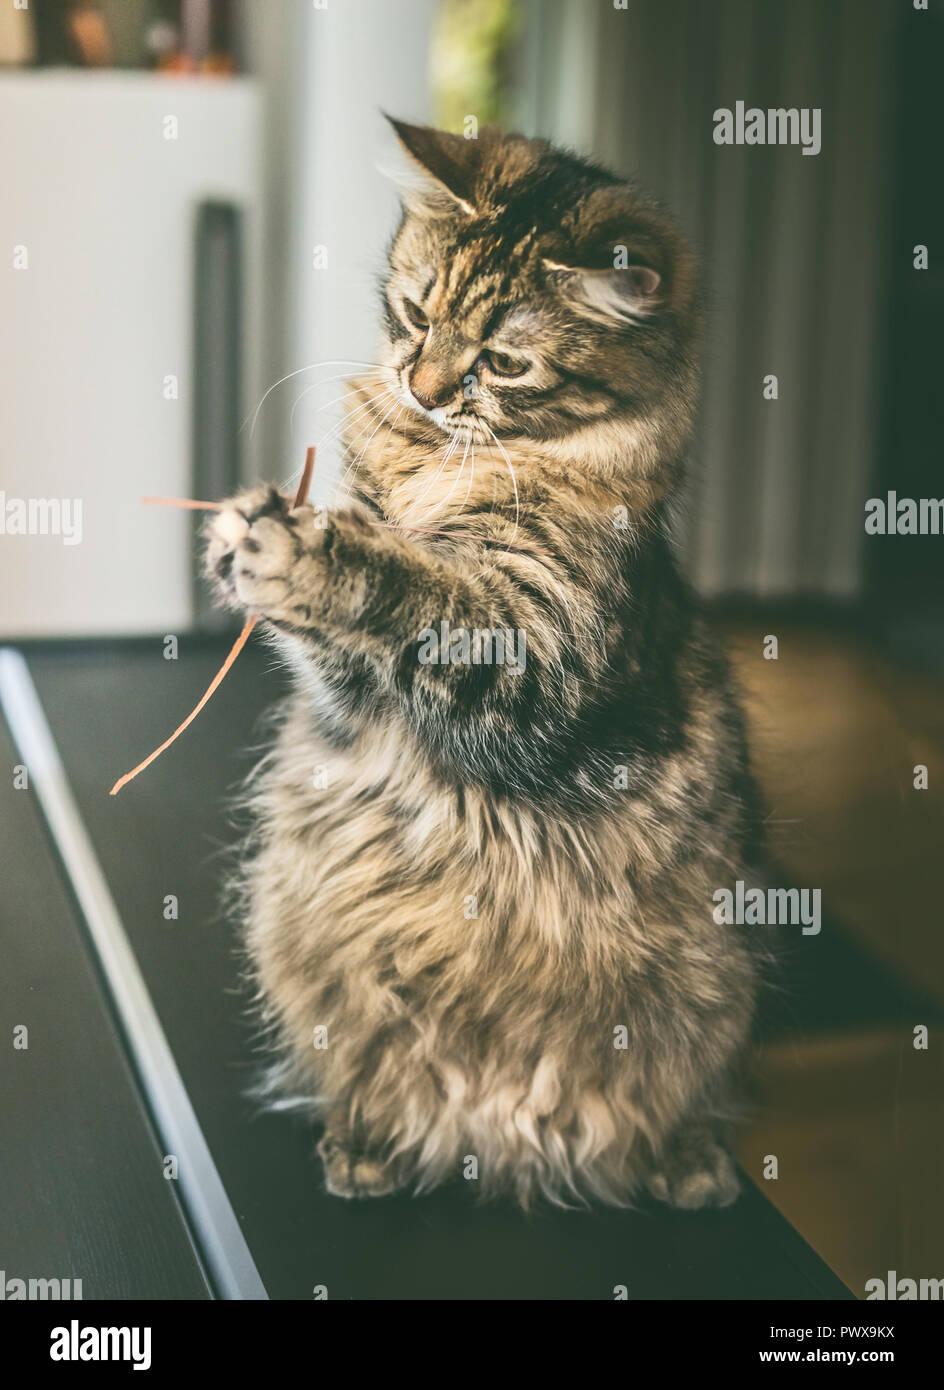 Funny fluffy cat est assis sur ses pattes arrière et est titulaire d'herbe séchée dans ses pattes avant, à l'intérieur. Chat joue Photo Stock